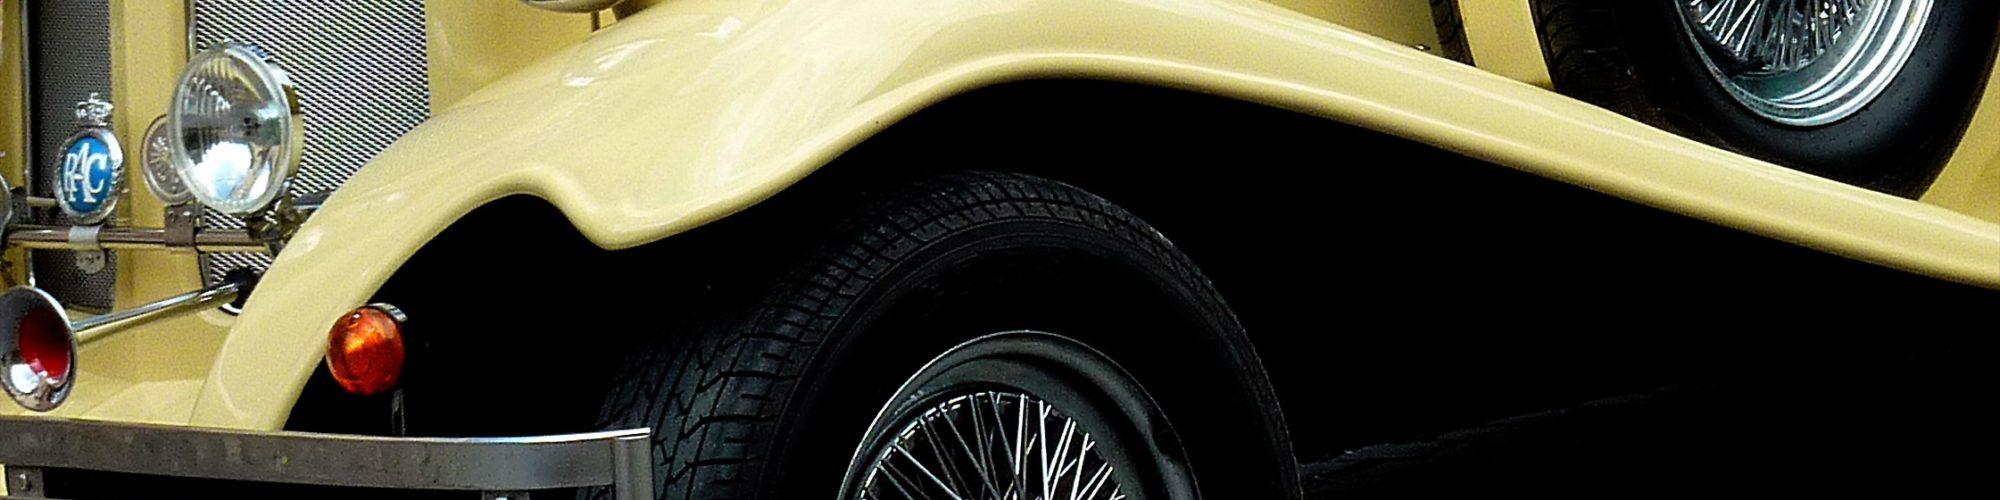 auto-1661760